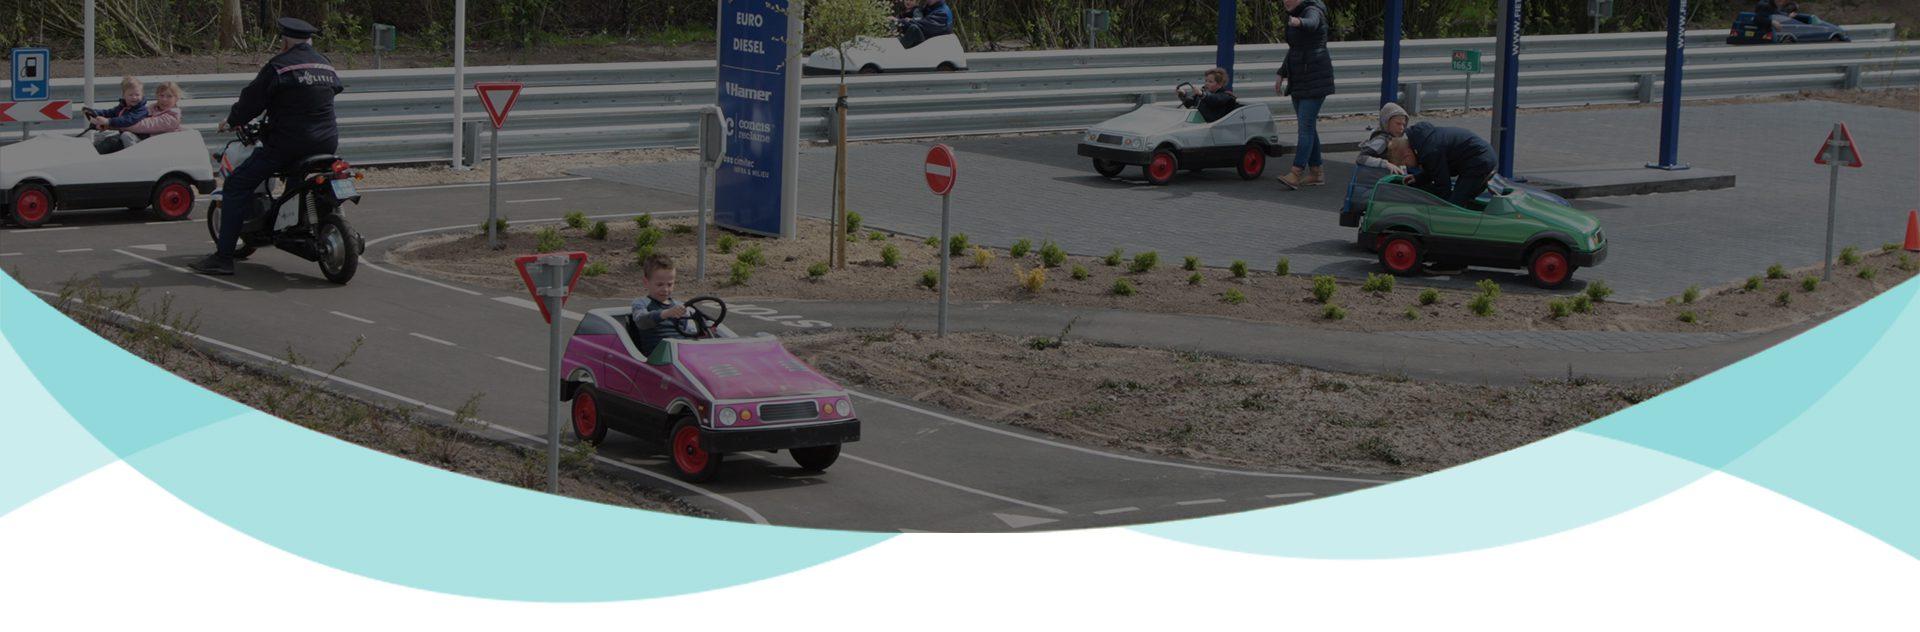 verkeerspark duinen zathe